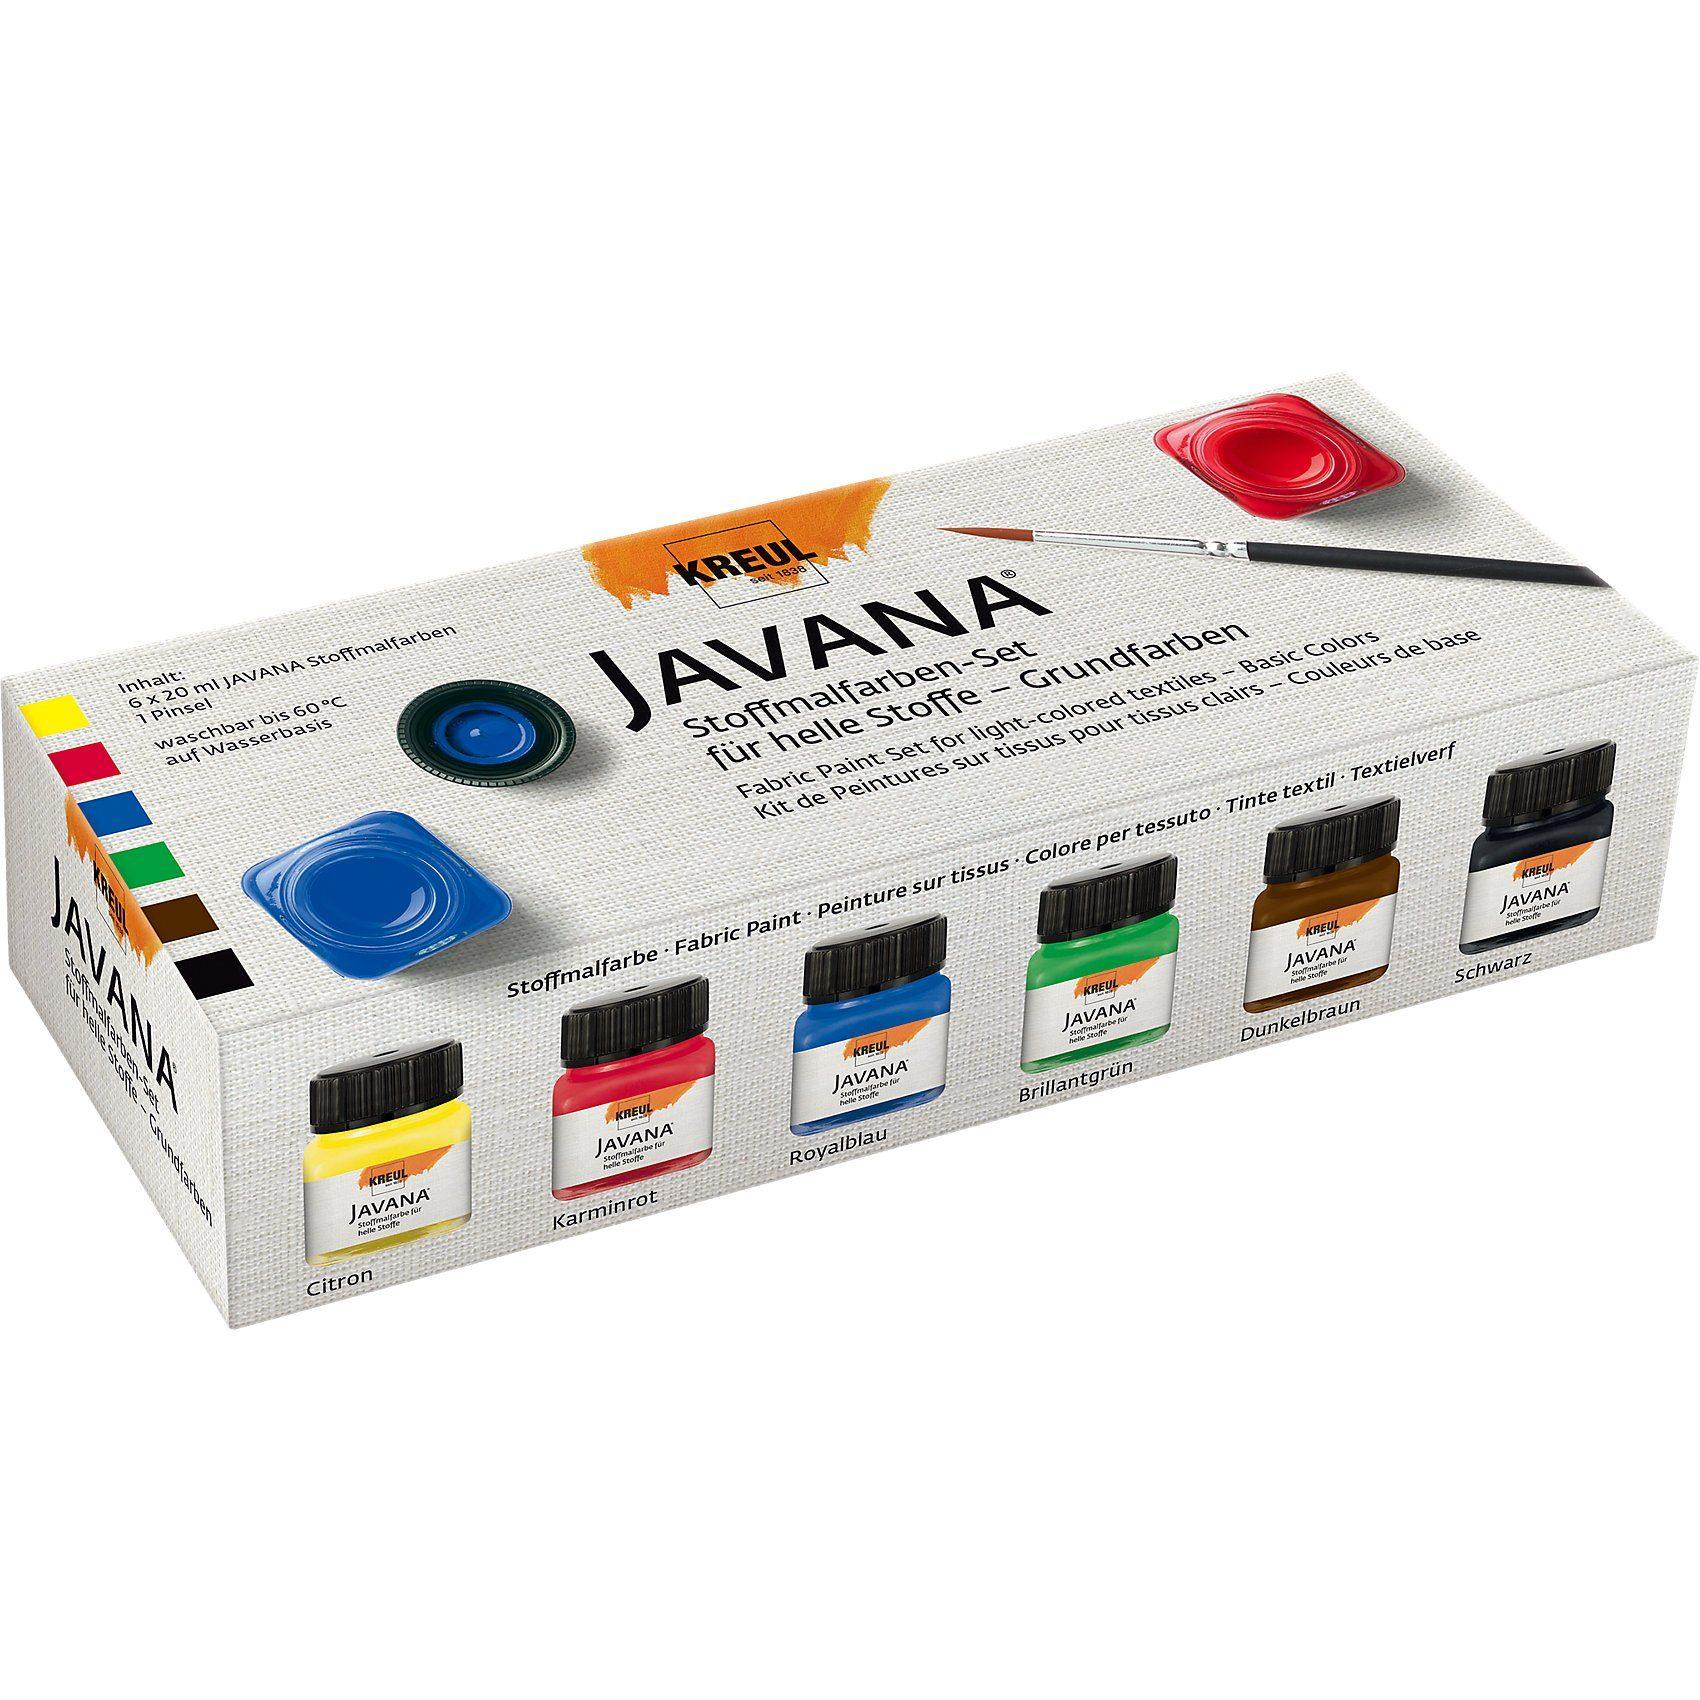 C. KREUL Javana Stoffmalfarben-Set für helle Stoffe Grundfarben, 6 x